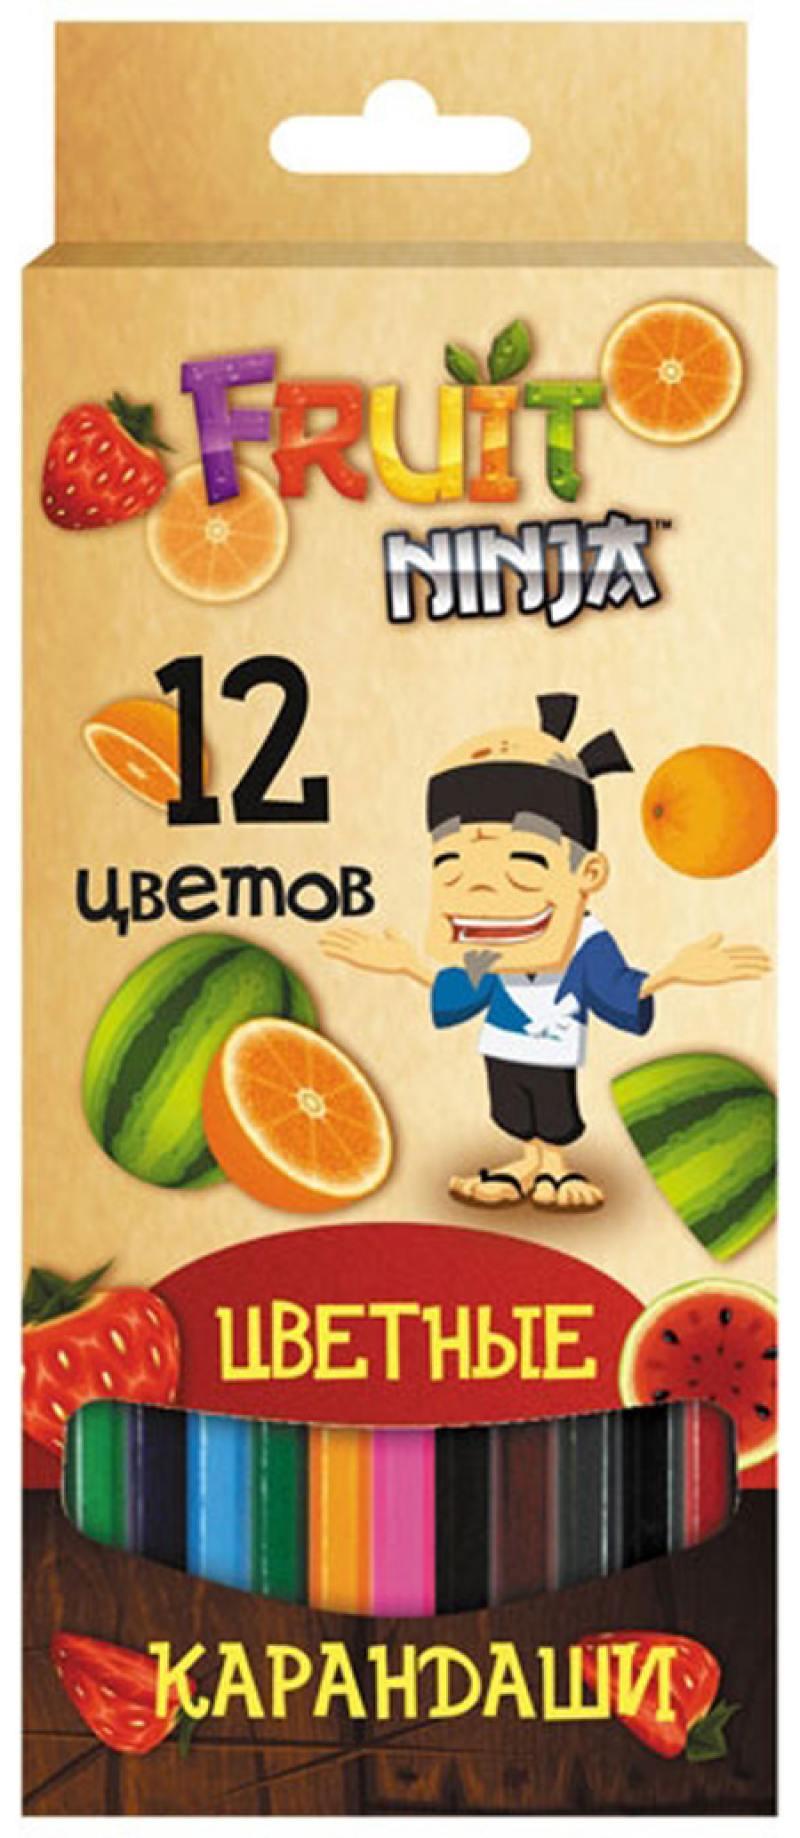 Набор цветных карандашей Action! Fruit Ninja 12 шт FN-ACP205-12 FN-ACP205-12 набор цветных карандашей maped color peps 12 шт 683212 в тубусе подставке